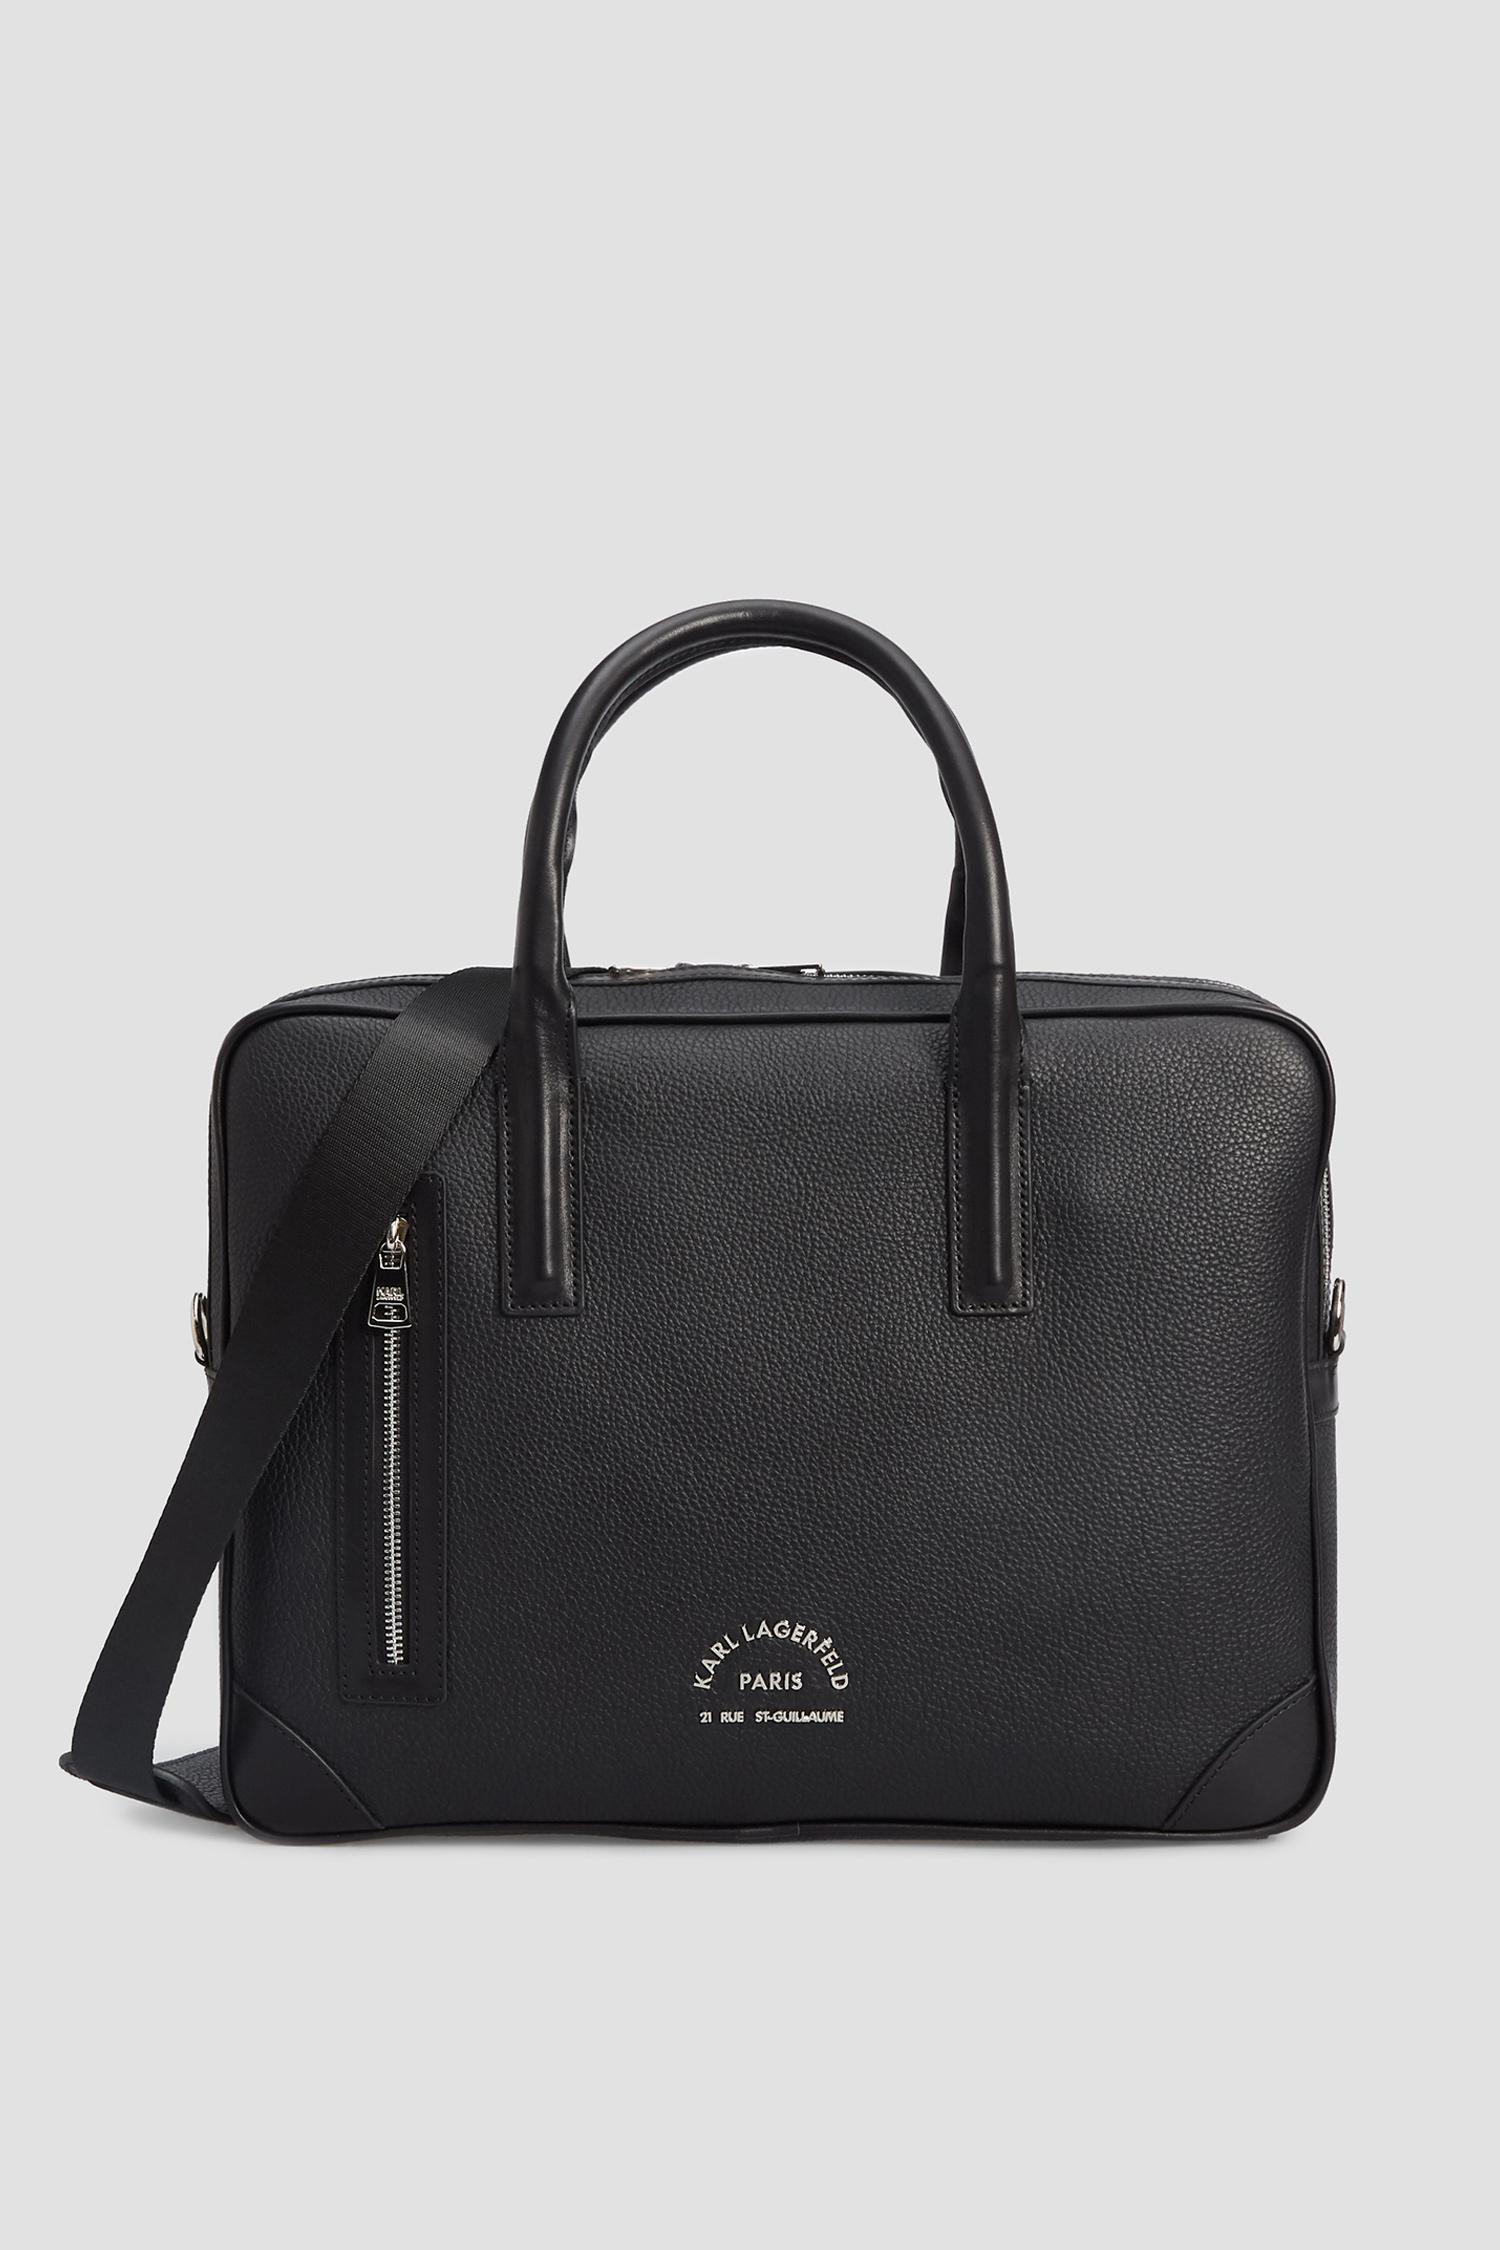 Чоловіча чорна сумка для ноутбука Karl Lagerfeld 502451.815902;990